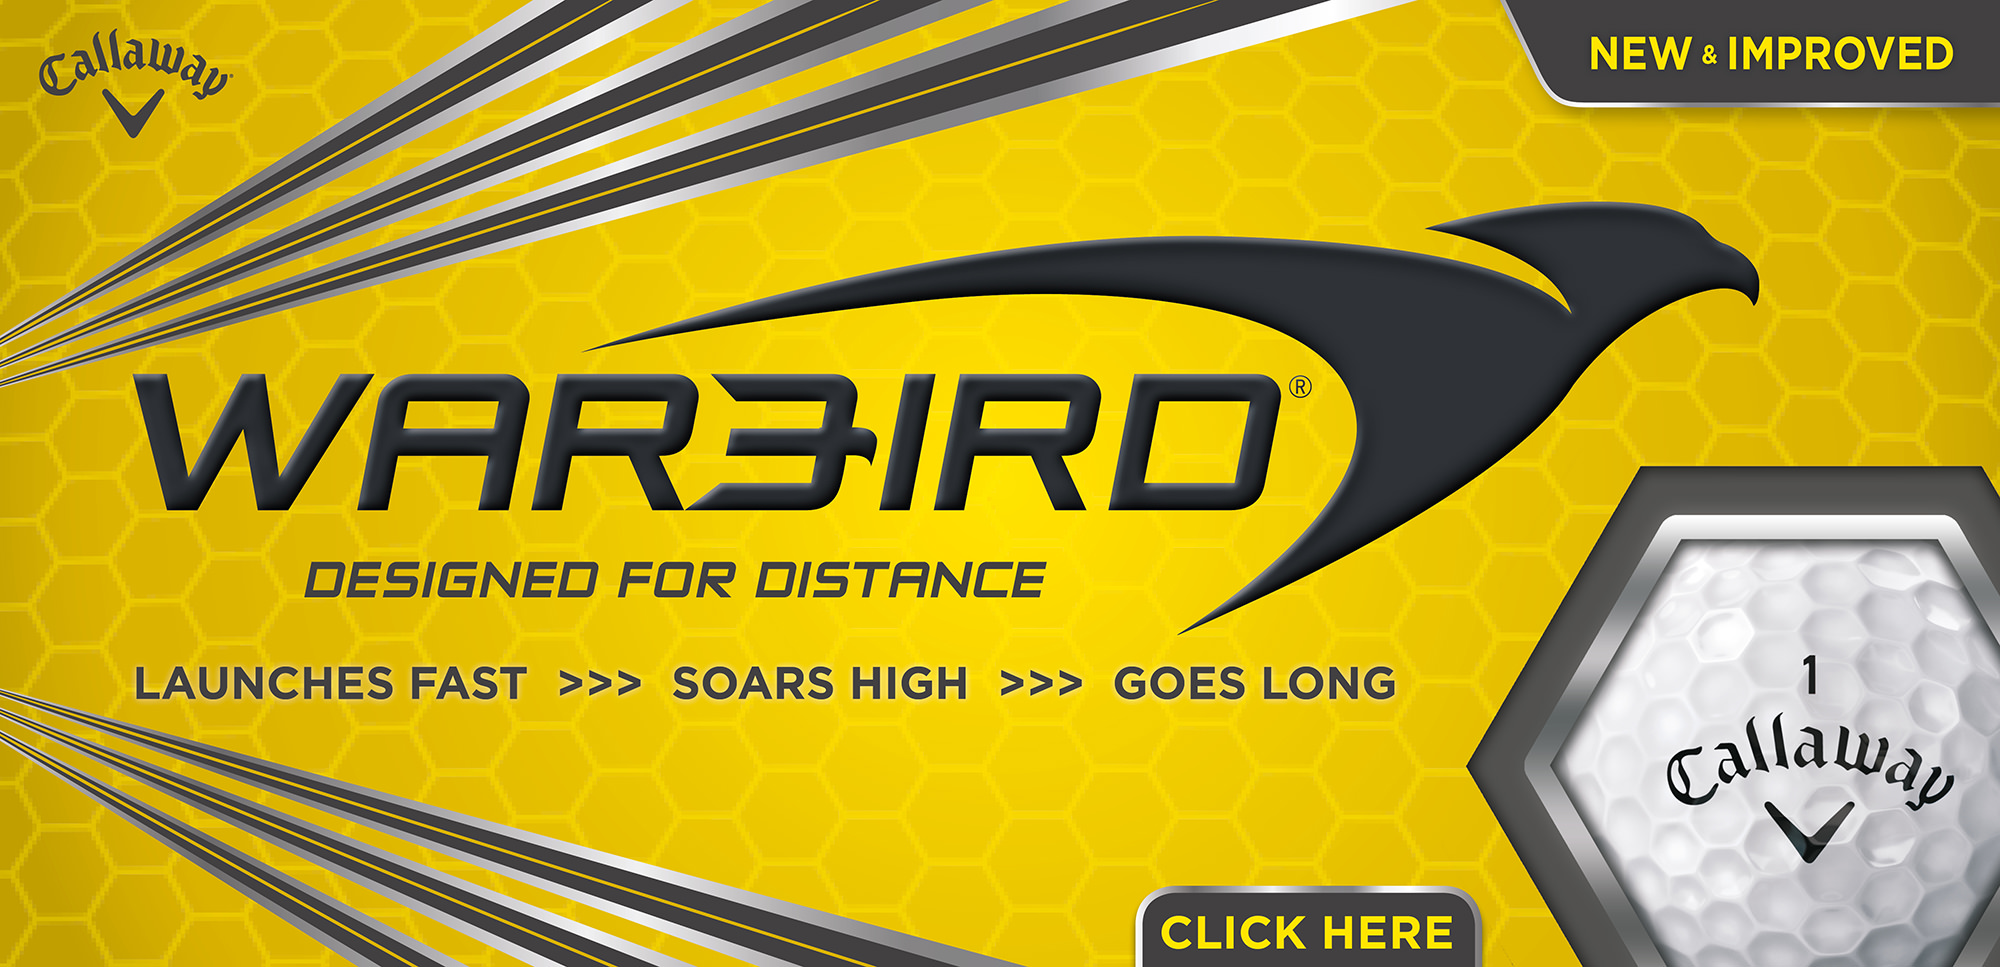 CG2496-Warbird17-webbanner-1200x580-HOMEPAGE